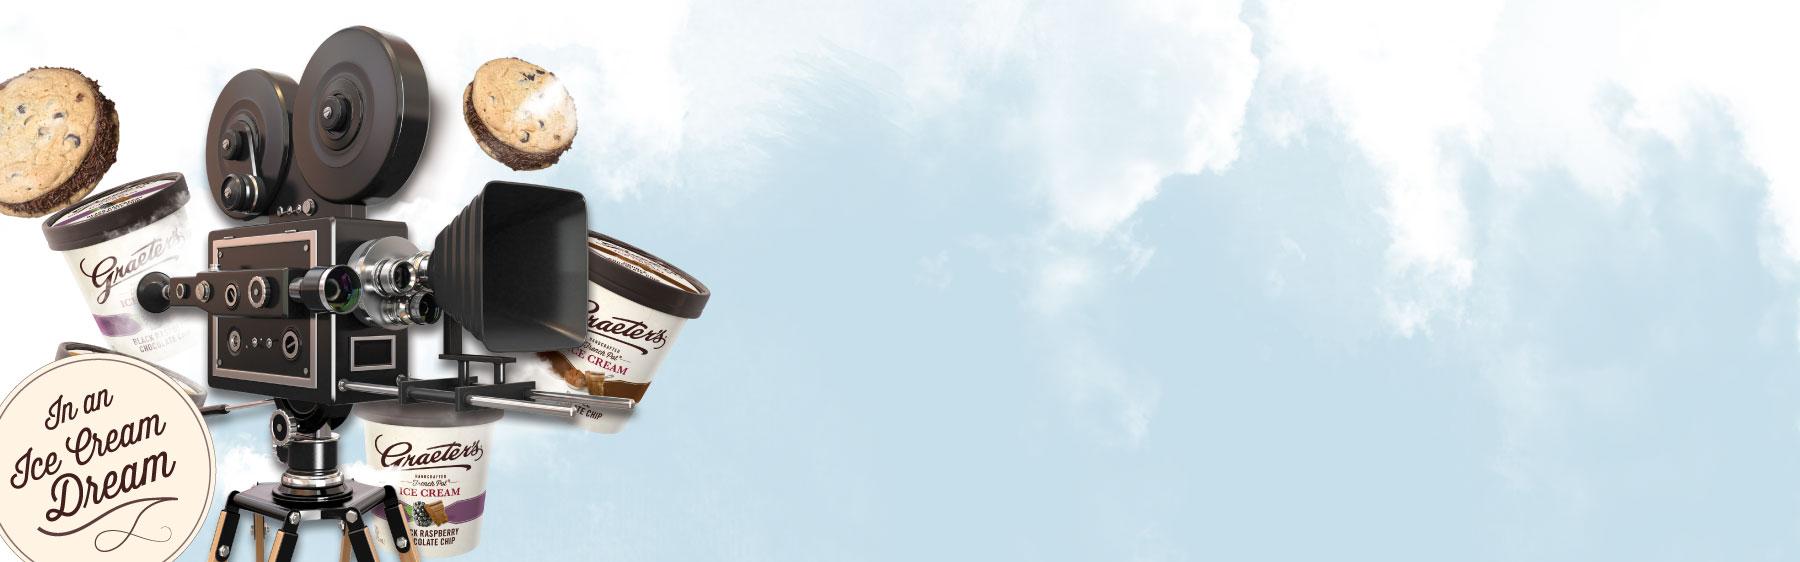 Graeter's Ice Cream Dream Video Contest